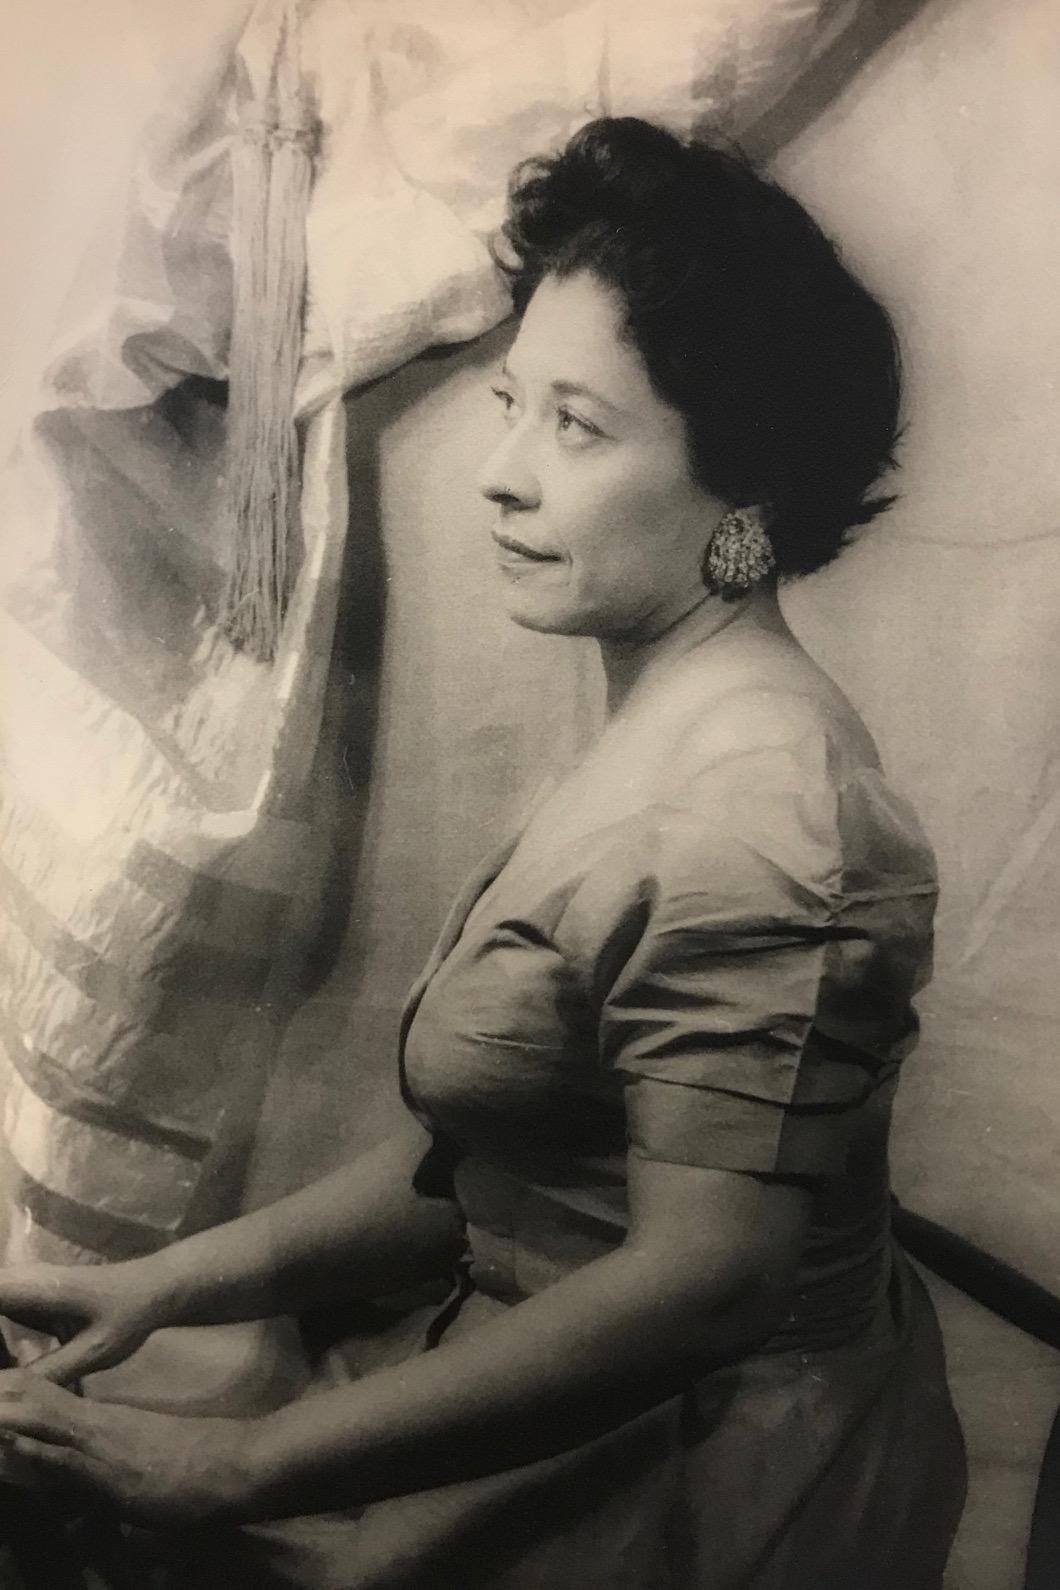 Studio portrait of Mollie Moon by Carl Van Vechten, 1956